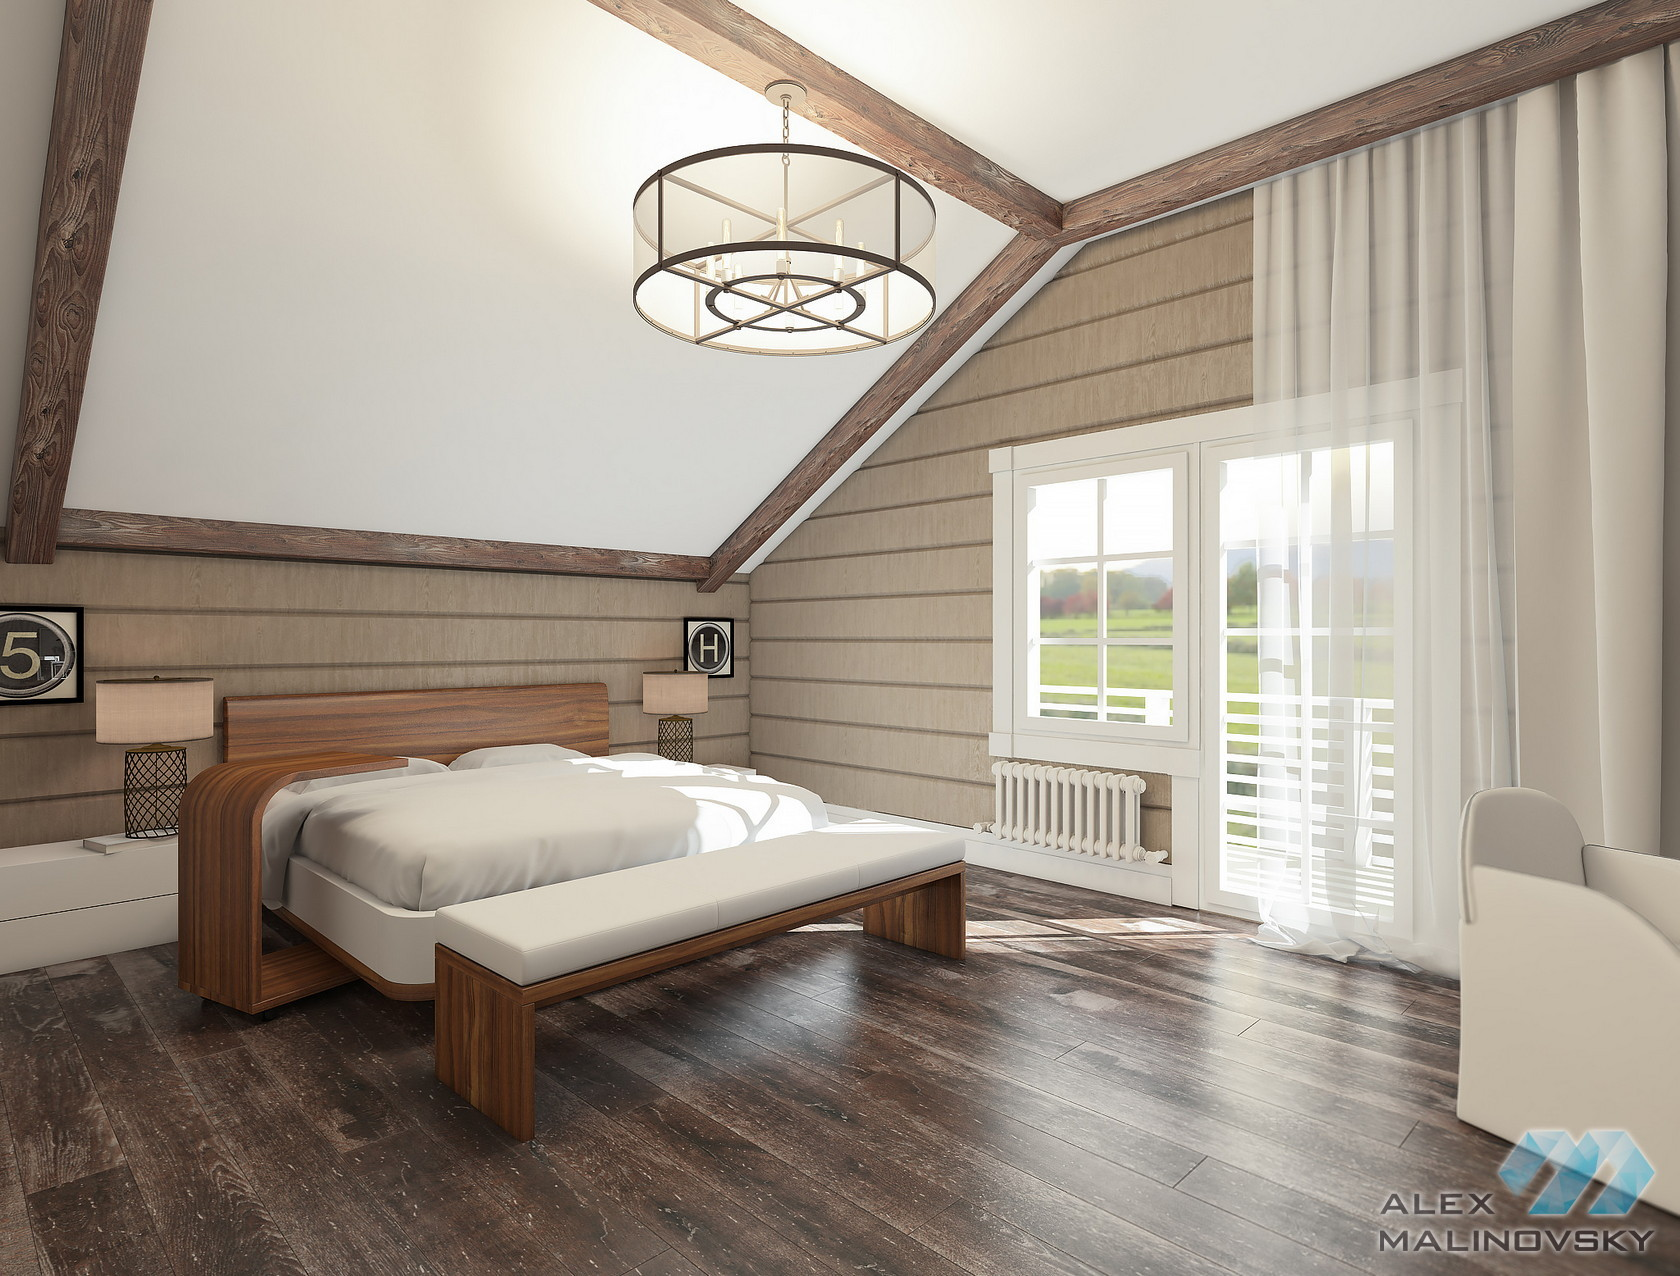 КП Lake Side, Московская область, спальня в коттедже